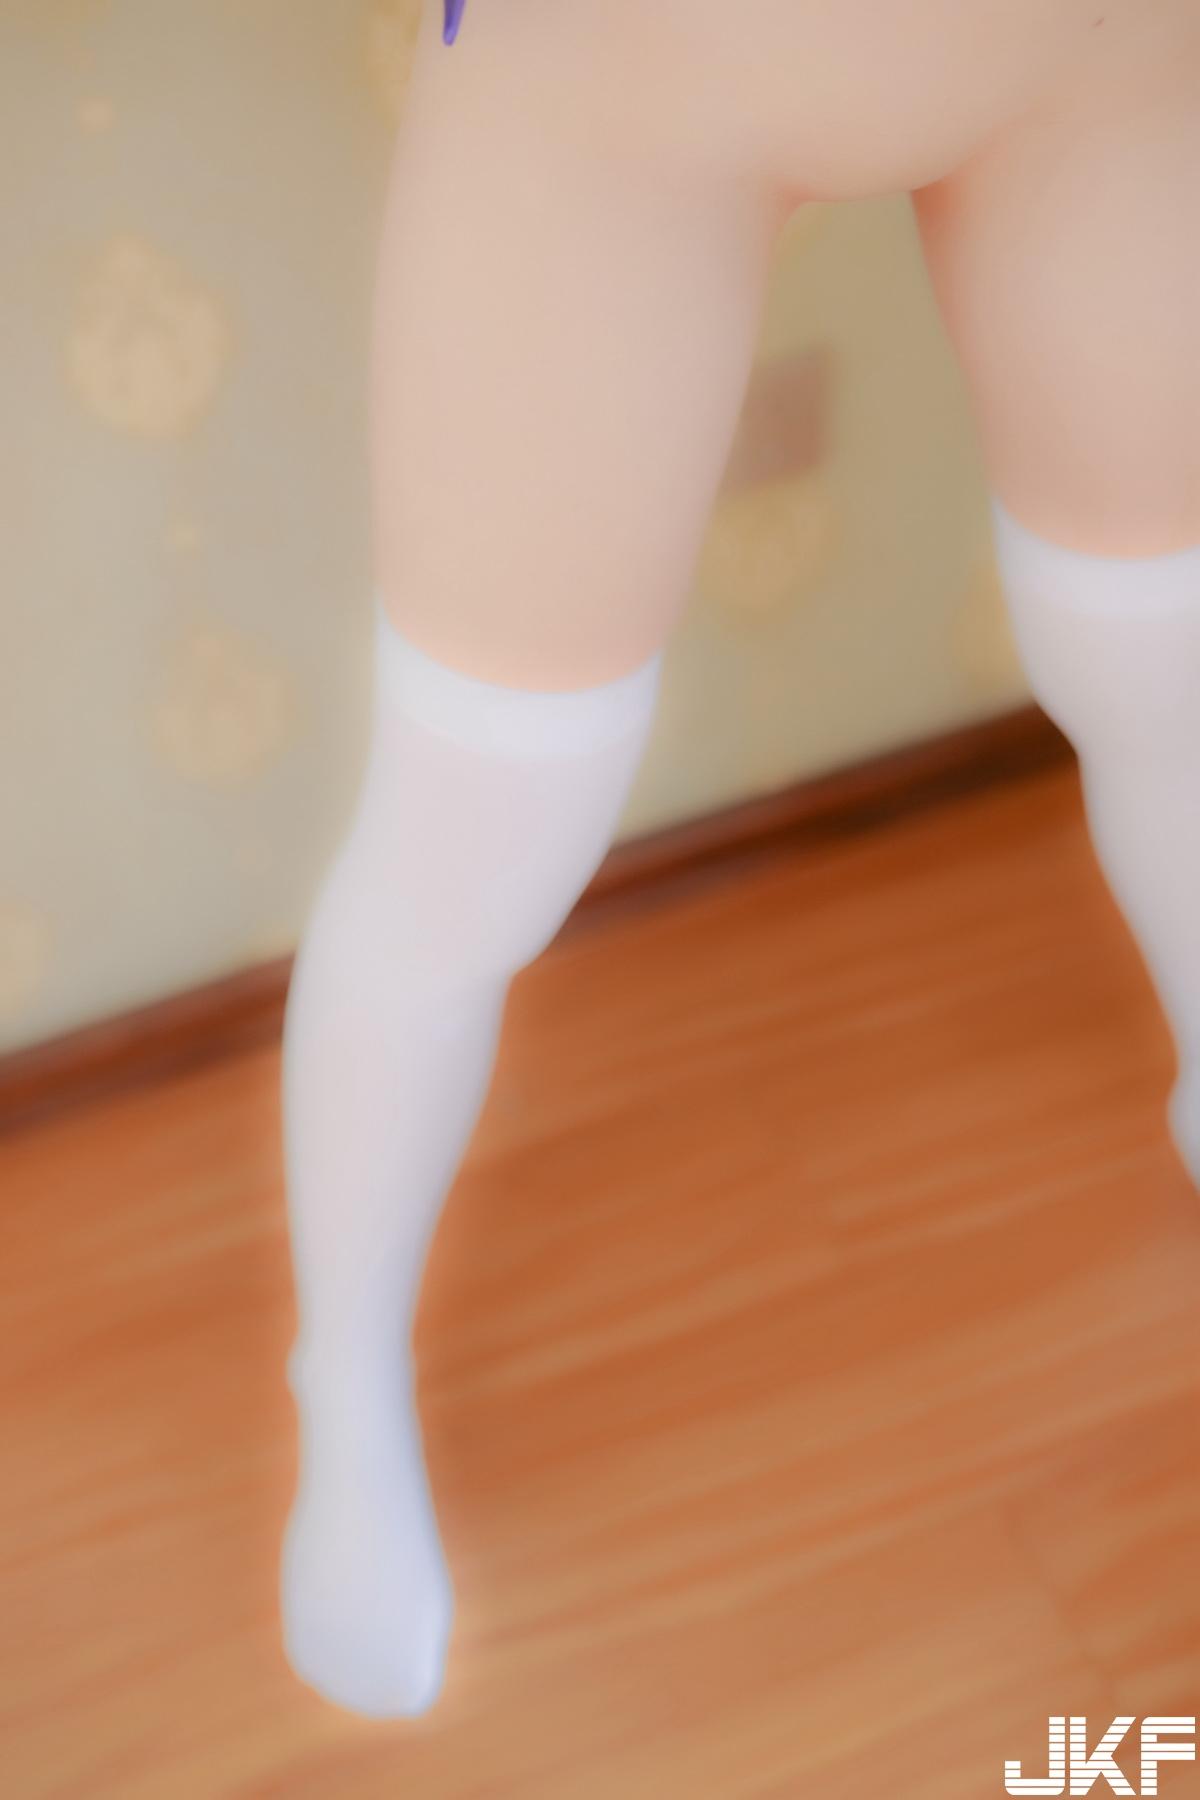 Fate_108.jpg